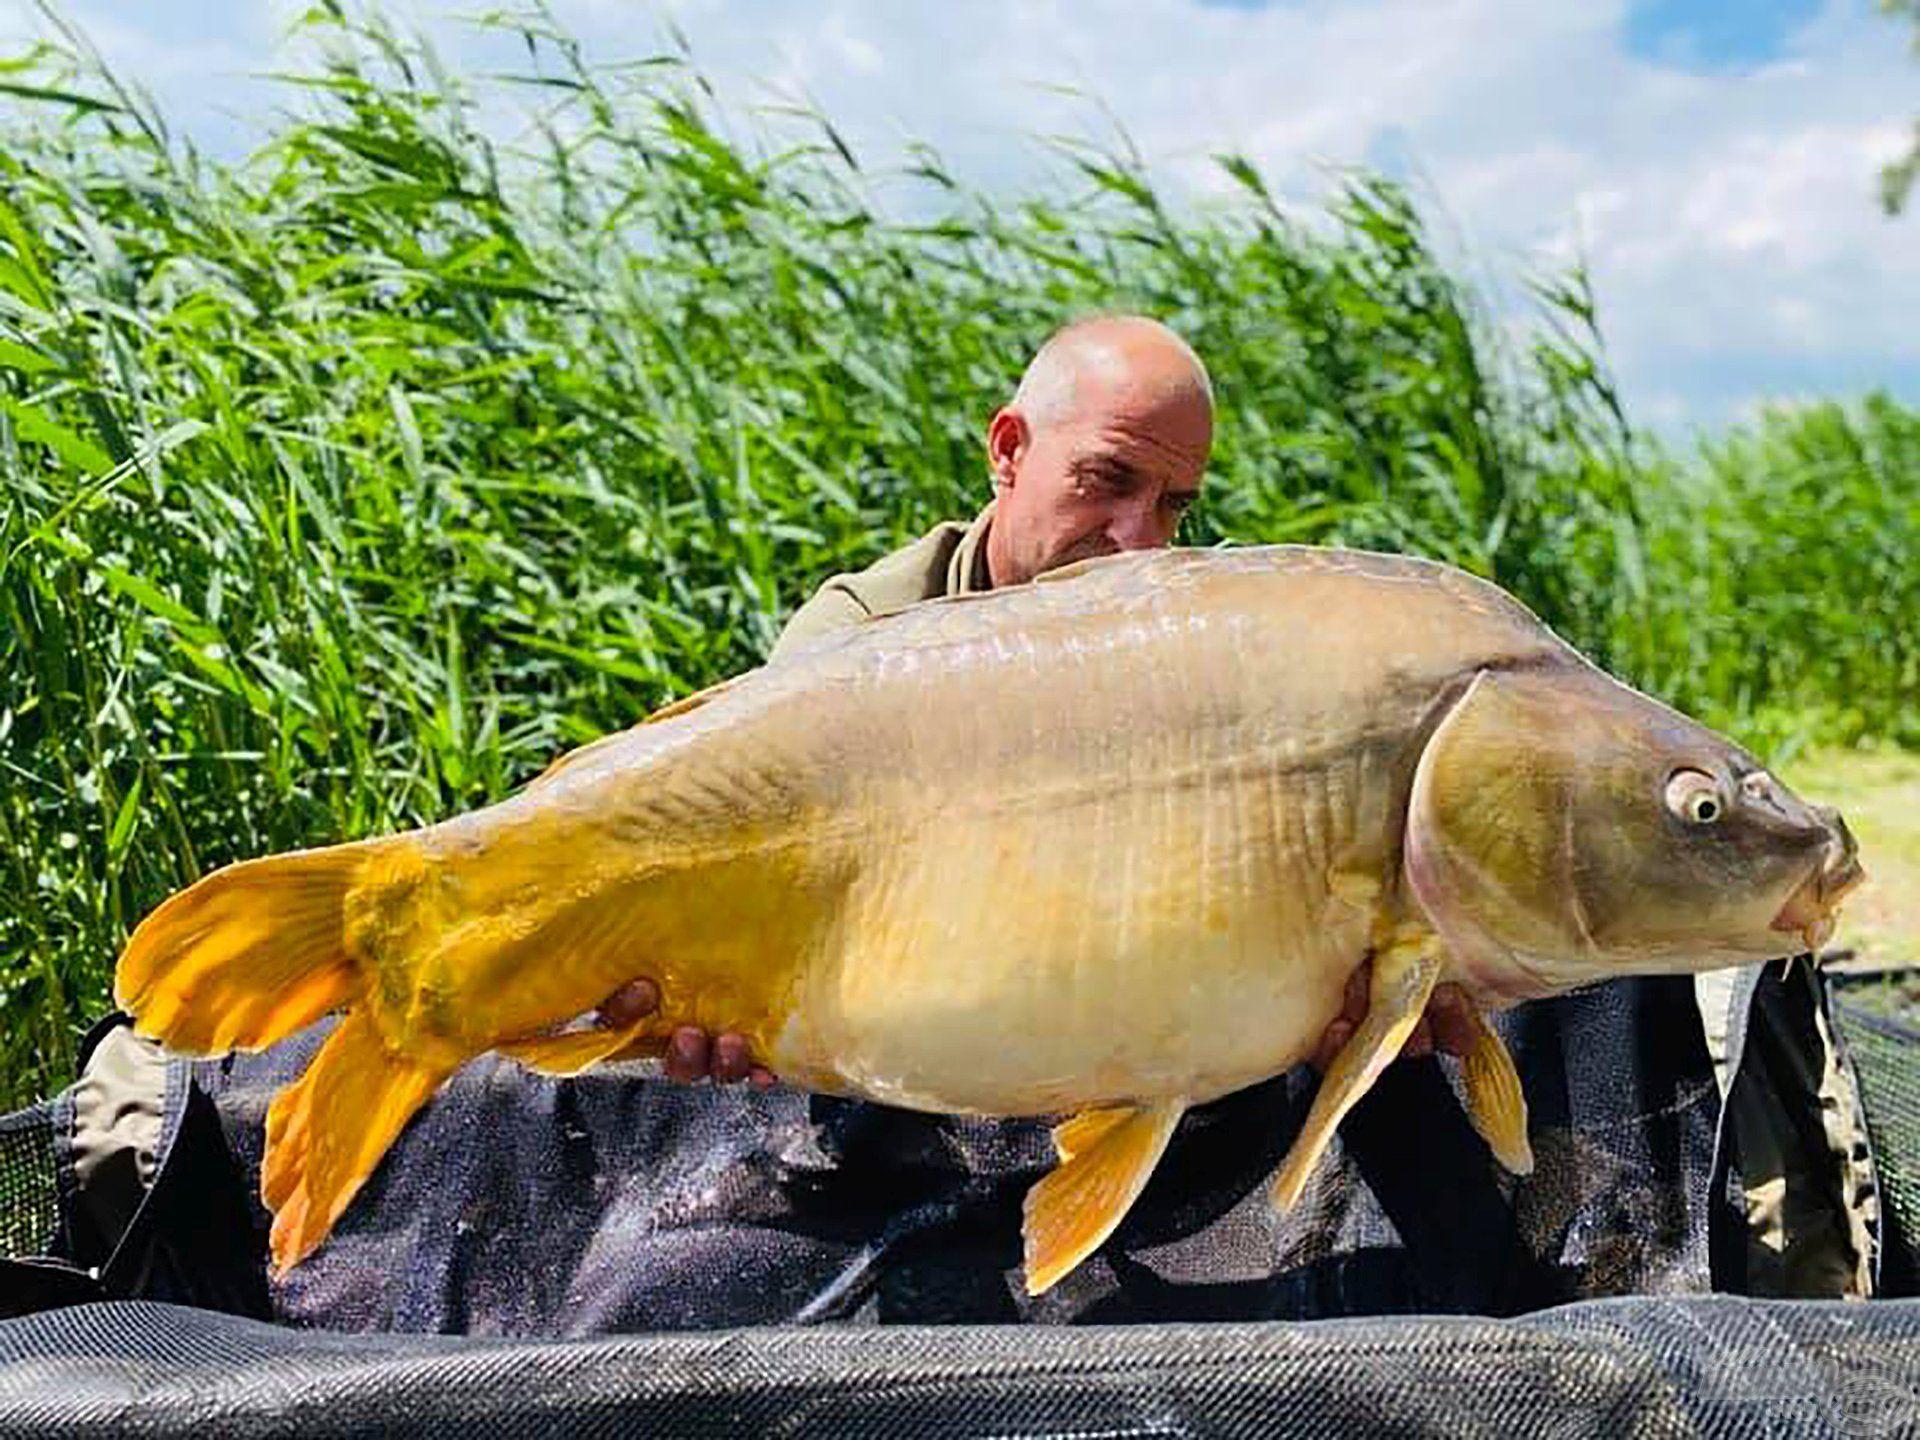 Ilyen és ehhez hasonló szép, egészséges halak élnek a vízben